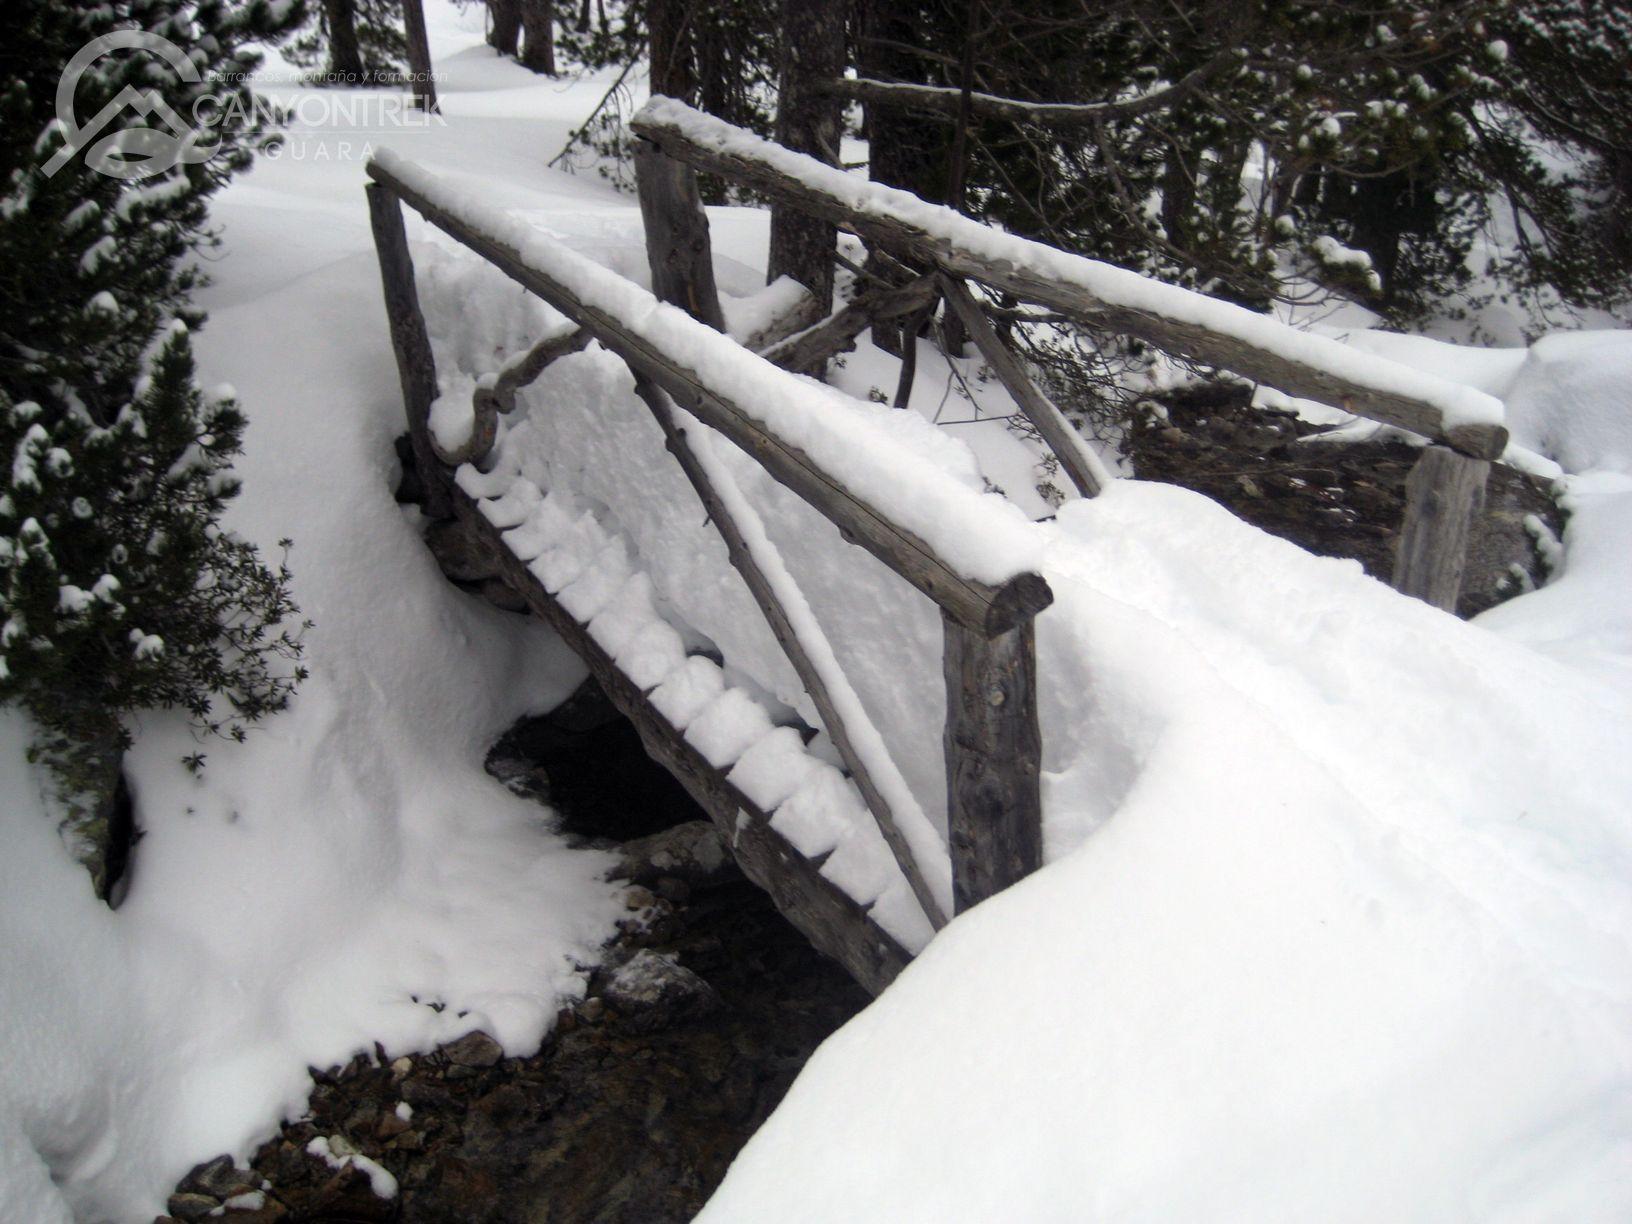 raquetas-de-nieve-pirineos-canyontrekguara-guias-de-montaña-benasque-ordesa2